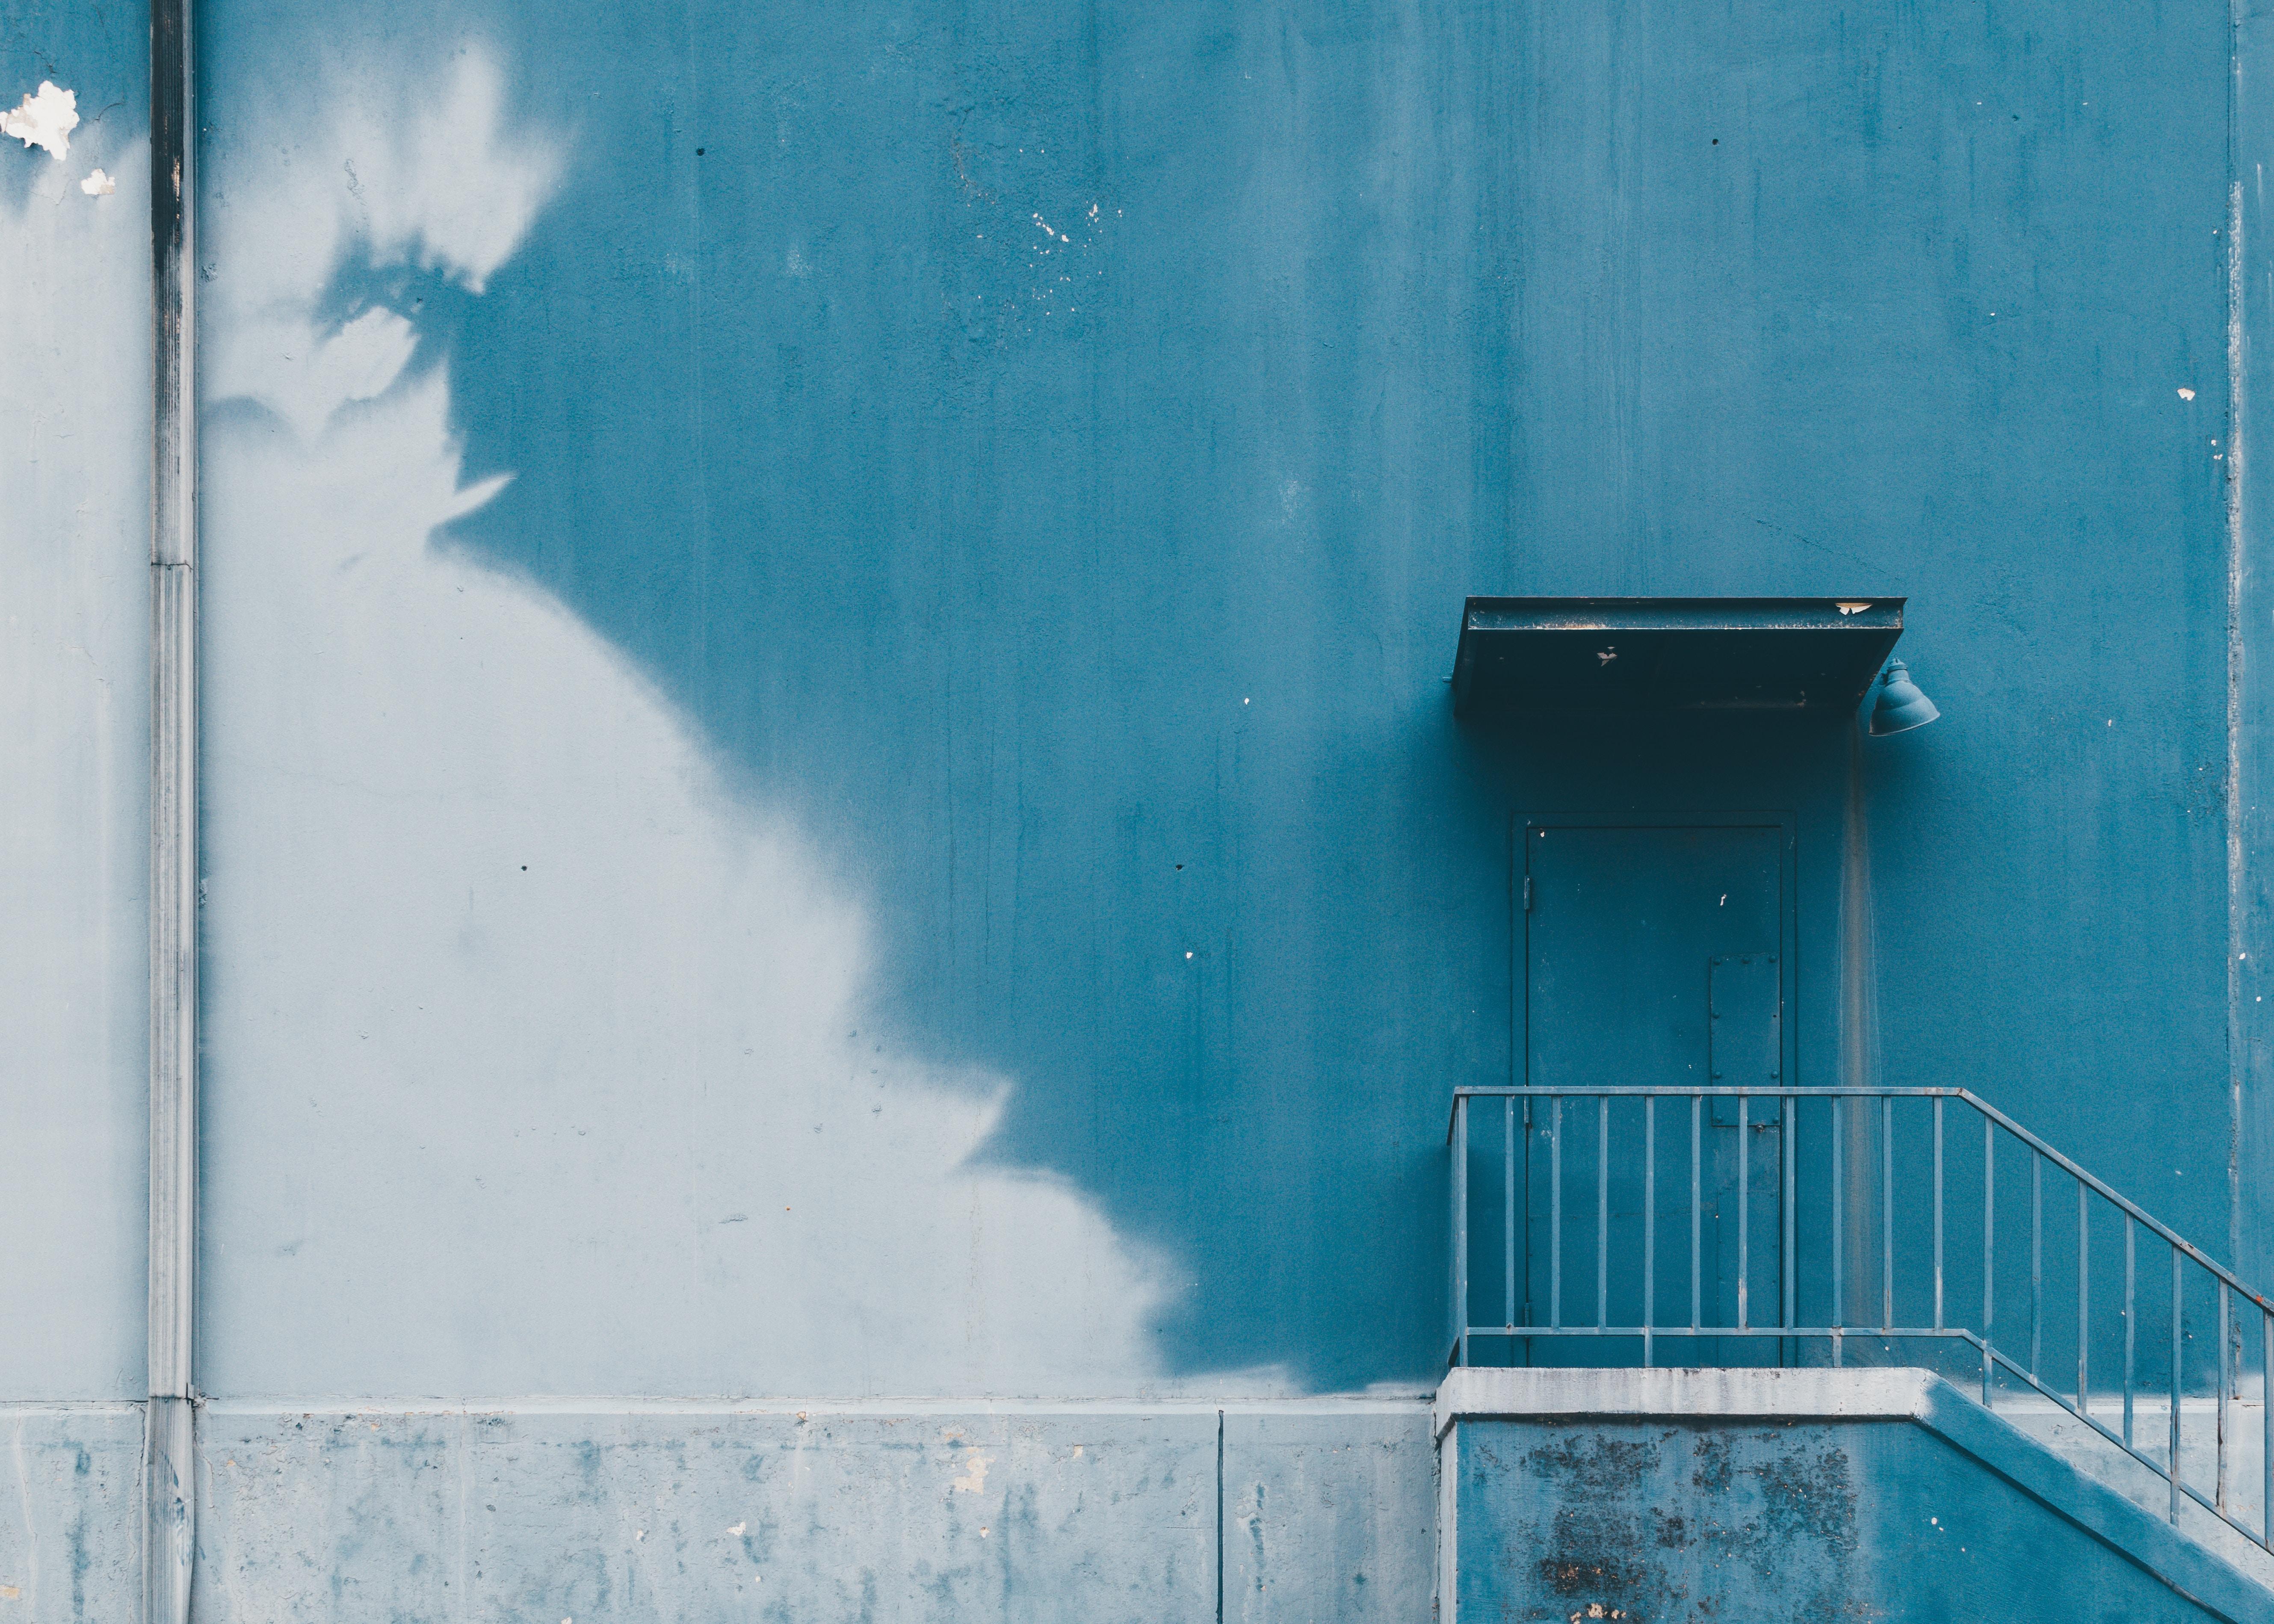 87+ Gambar Awan Di Tembok Kekinian